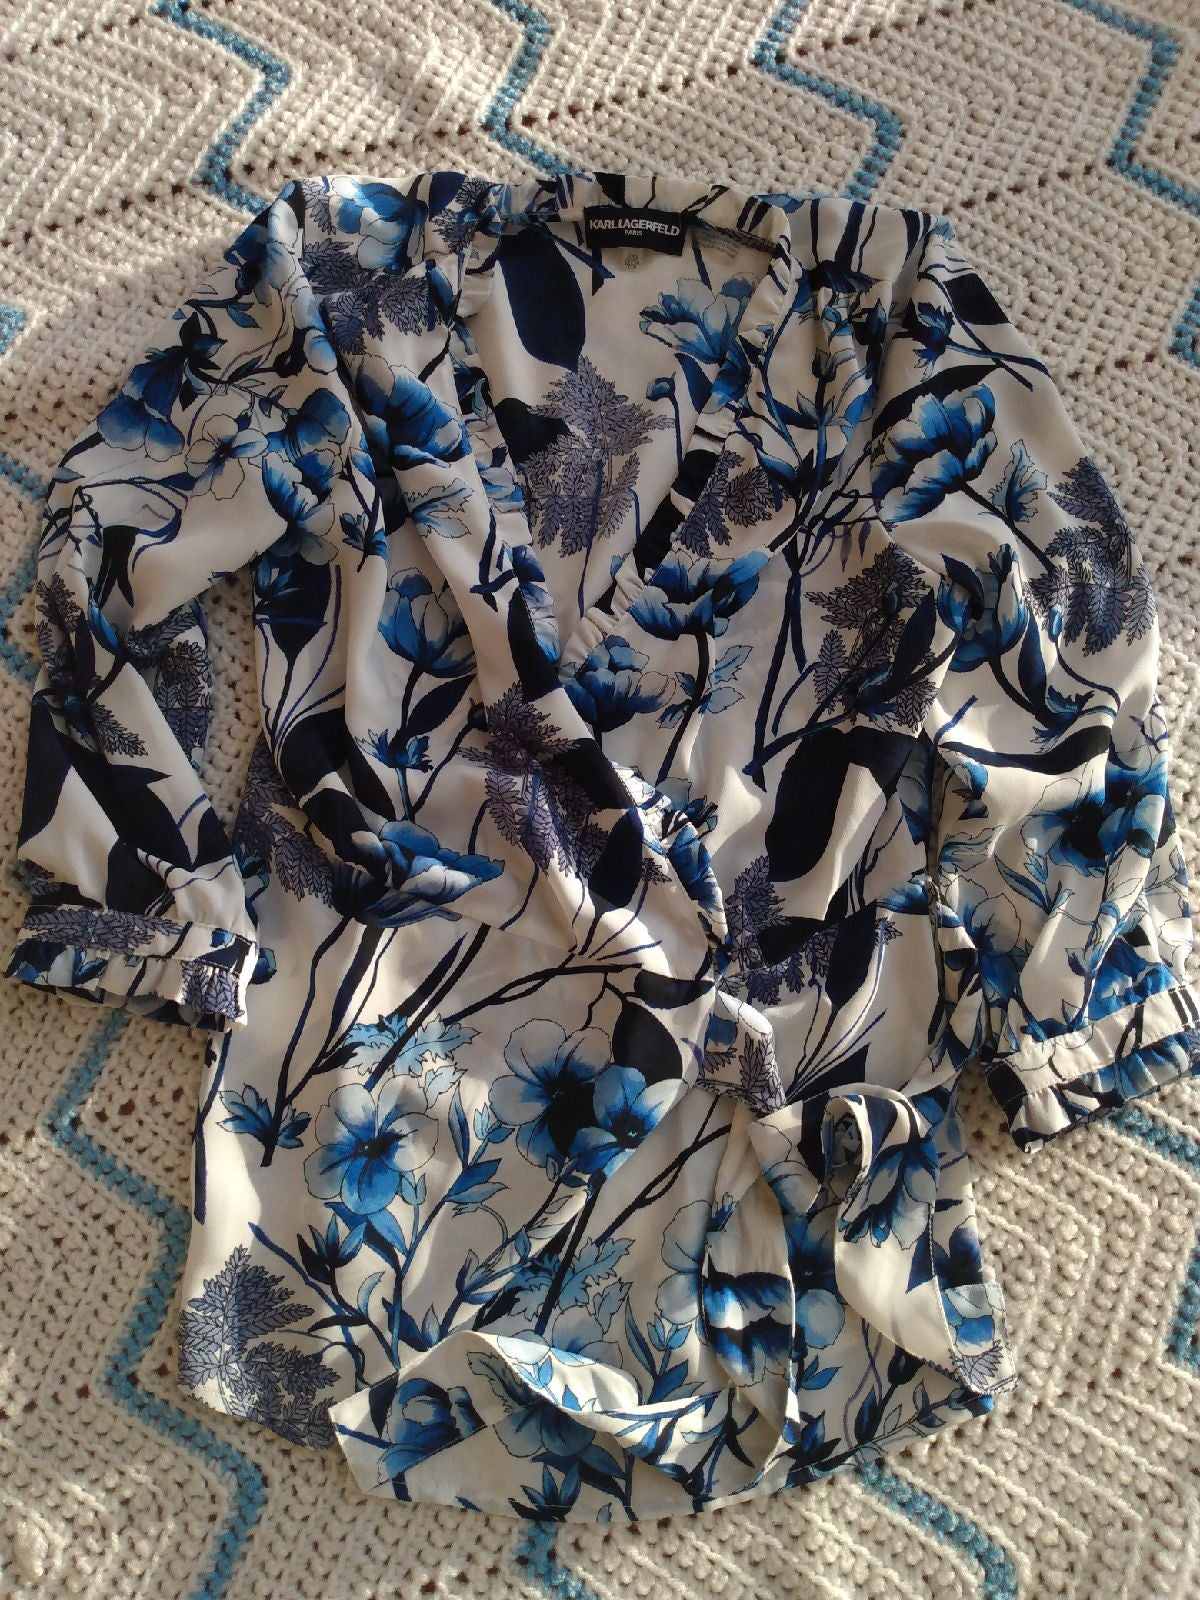 Floral wrap lagerfeld xxs